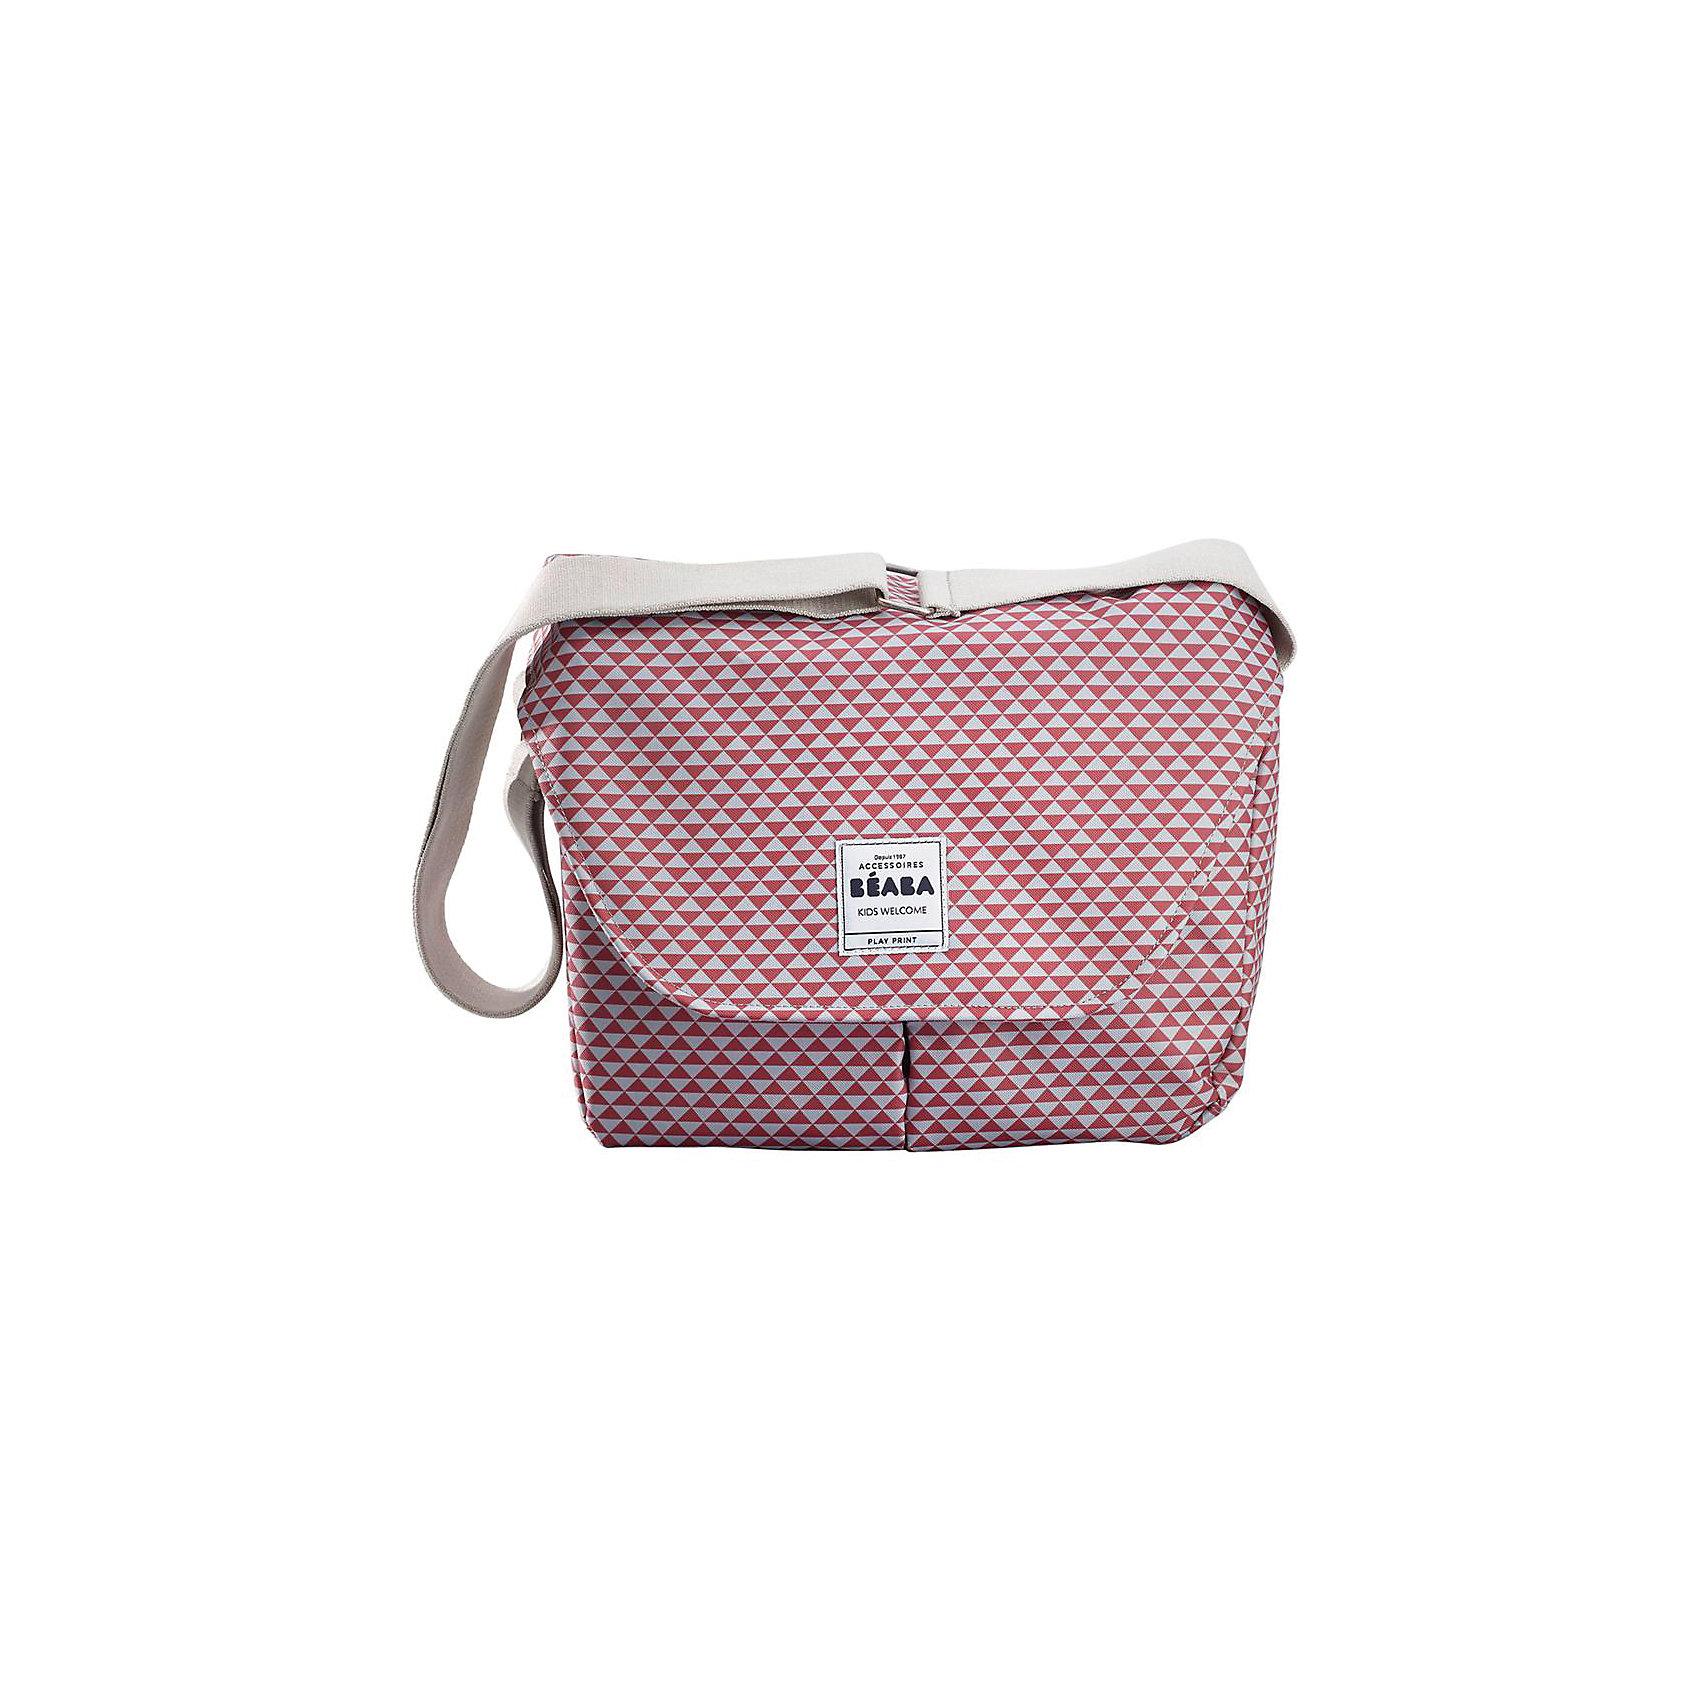 Сумка для мамы VIANNA II, Beaba, marsalaМодная качественная сумка создана специально для мам. Она позволяет с удобством разместить все необходимые малышу вещи. На сумке - удобный широкий ремень для переноски. Удобная сумка с набором аксессуаров в комплекте, а так же со множеством отделений для полезных мелочей, которые всегда должны быть под рукой, идеально подойдет для современной заботливой мамы.<br>Сумка состоит из одного основного вместительного отделения на застежке-молнии, внутри которого имеются два больших кармашка, внешние карманы, в которых расположен матрасик для пеленания. Модель  - очень удобная и прочная. Изделие произведено из качественных и безопасных для малышей материалов, оно соответствуют всем современным требованиям безопасности.<br> <br>Дополнительная информация:<br><br>цвет: разноцветный;<br>материал: текстиль;<br>матрасик для пеленания, с мягкой махровой поверхностью;<br>мешочек для сменной одежды;<br>термокармашек на застежке-молнии для бутылочек с детским питанием;<br>регулируемый пристегивающийся широкий ремень;<br>размер 36 x 21 x 31.5 см.<br><br>Сумку для мамы VIENNA II, marsala, от компании Beaba можно купить в нашем магазине.<br><br>Ширина мм: 400<br>Глубина мм: 210<br>Высота мм: 315<br>Вес г: 800<br>Возраст от месяцев: 0<br>Возраст до месяцев: 36<br>Пол: Унисекс<br>Возраст: Детский<br>SKU: 4732012